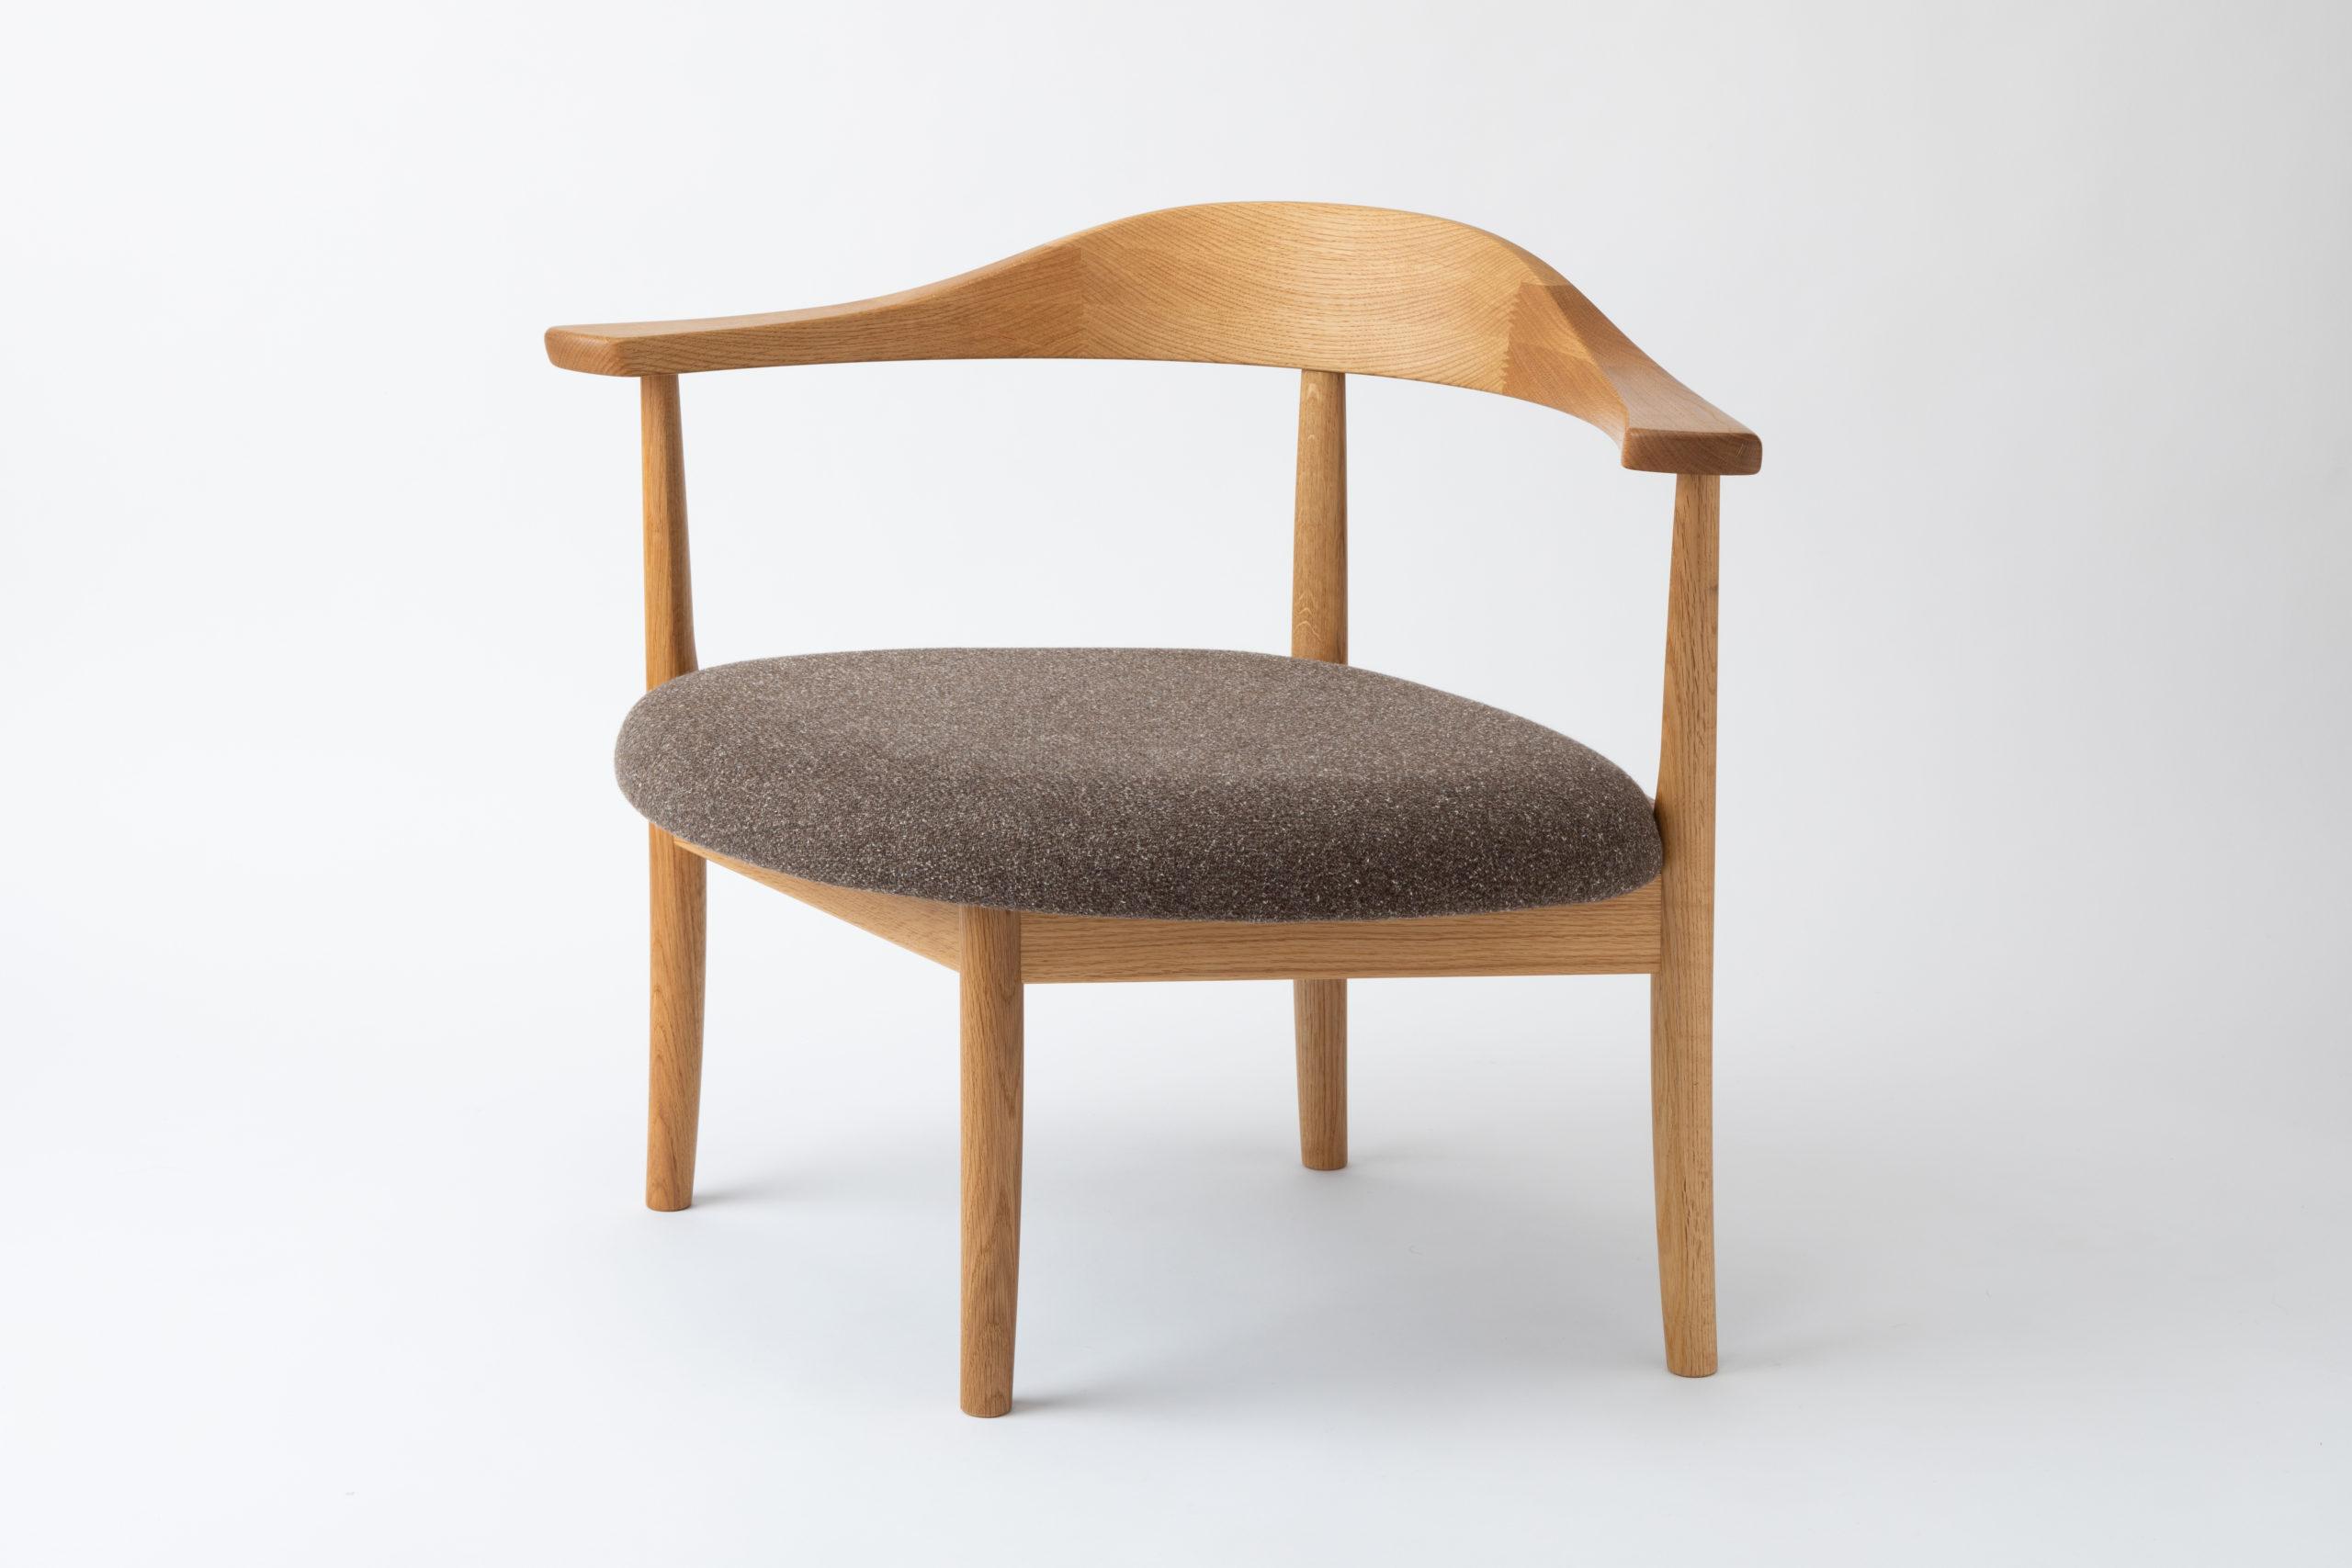 あぐらのかける椅子